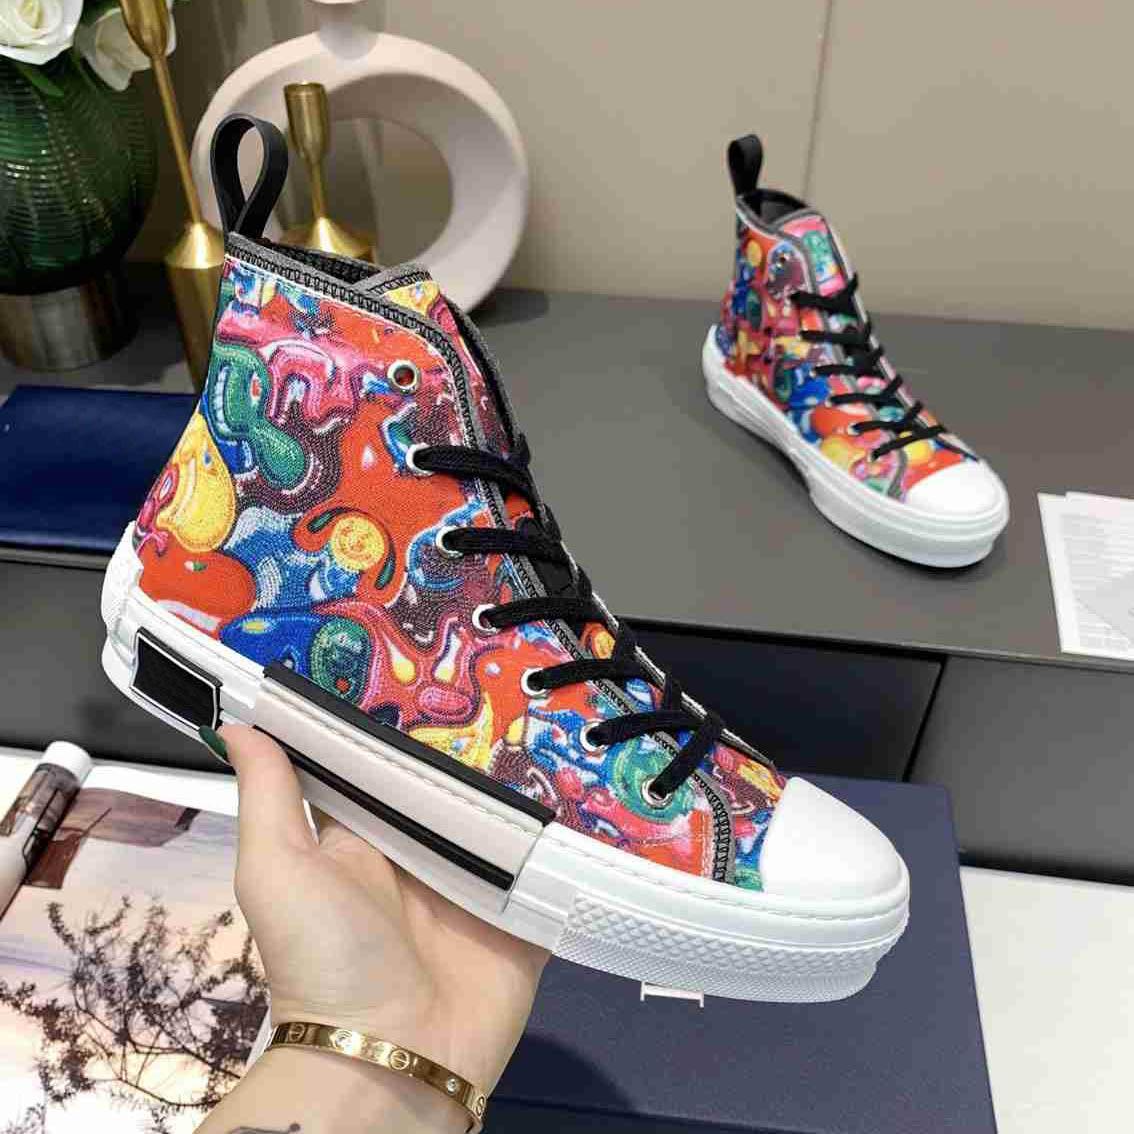 2021 AAAAA + Limited Edition Пользовательские напечатанные холст обувь мода универсальная высокая и низкая обувь с оригинальной упаковкой 35-45 Все цвета